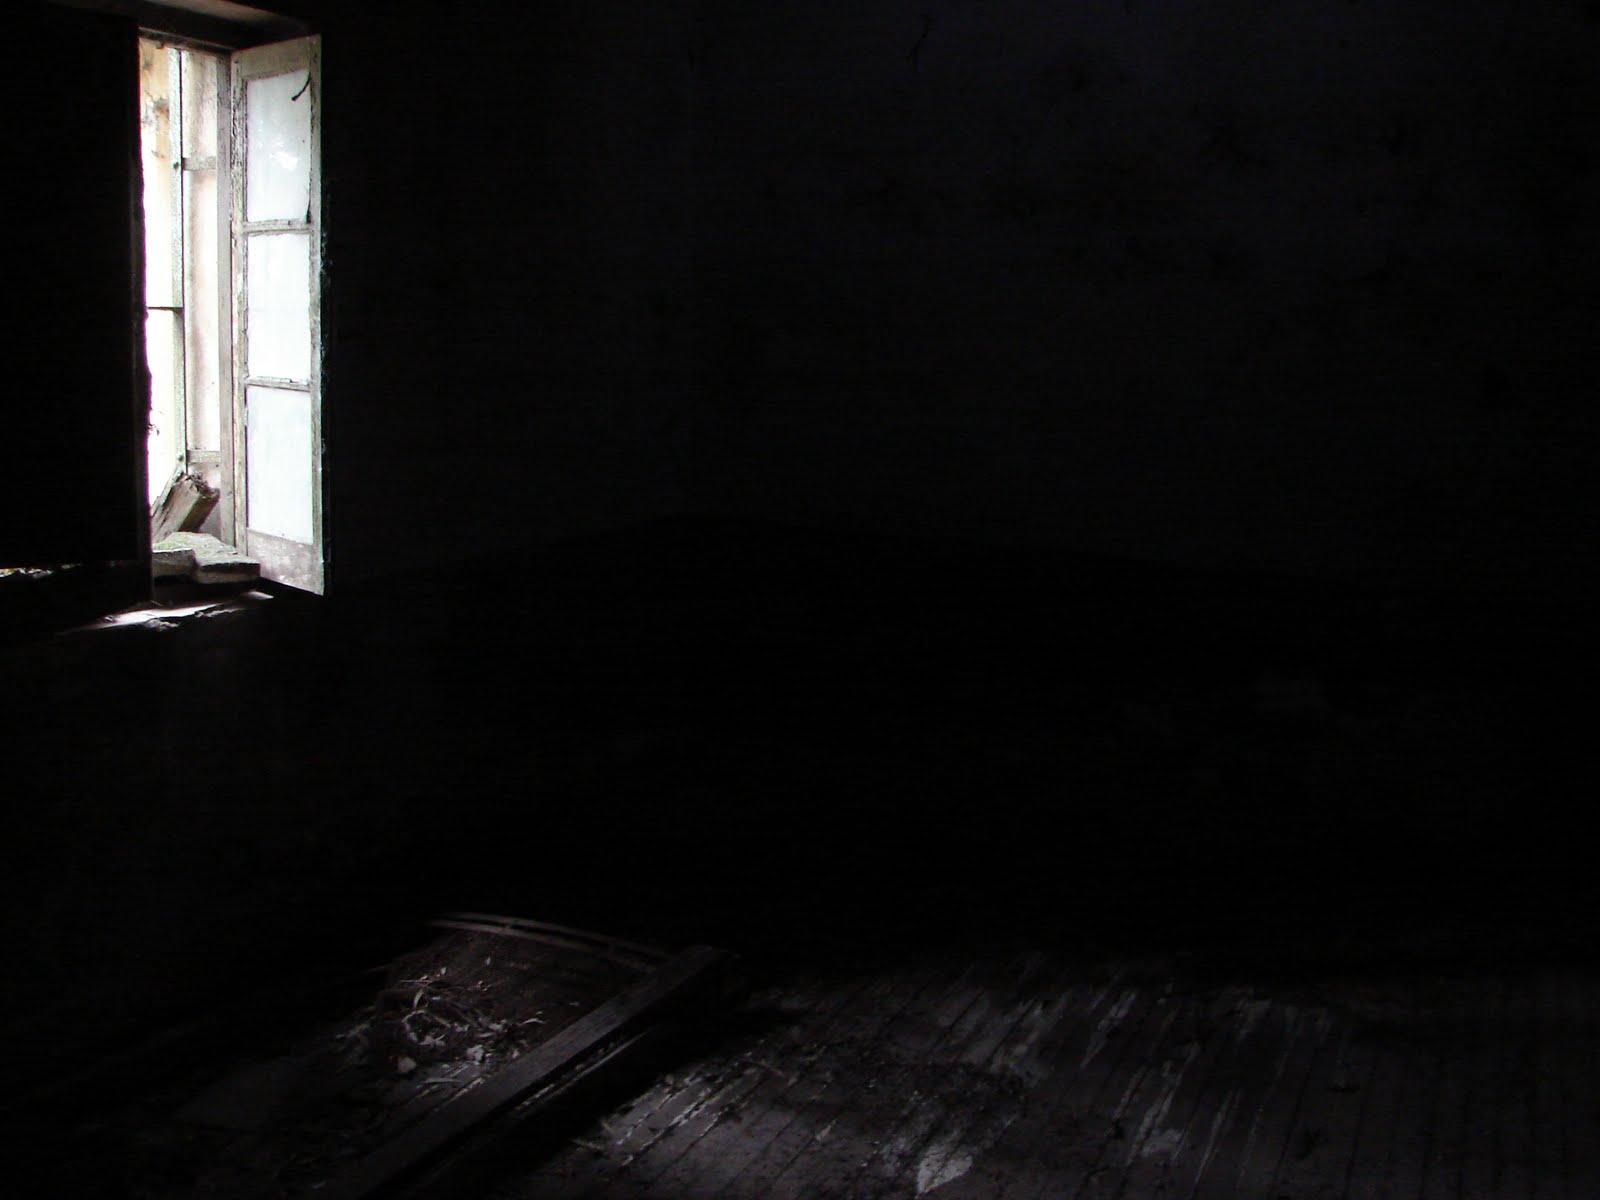 La foto diaria a contraluz iv luces y sombras - Casa rural luces y sombras ...